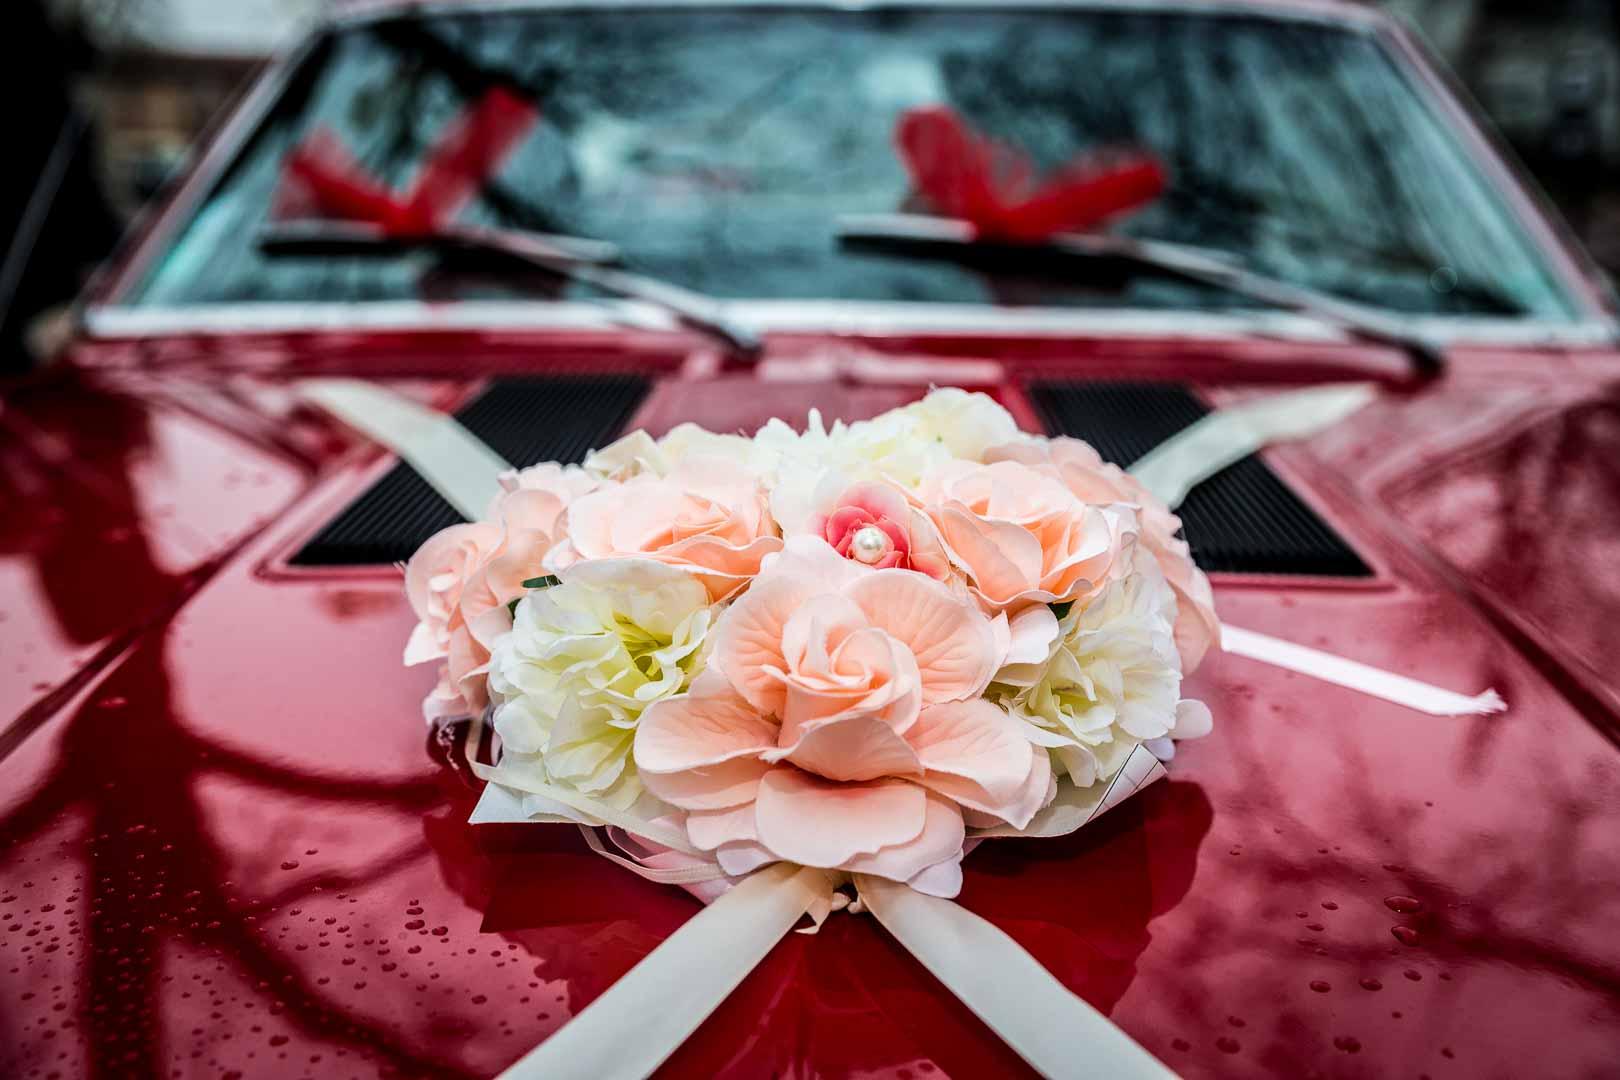 Décoration florale de la voiture des mariés - Camaro - Crédits : Les Photos de Bela - Photographe de mariage Paris et IDF